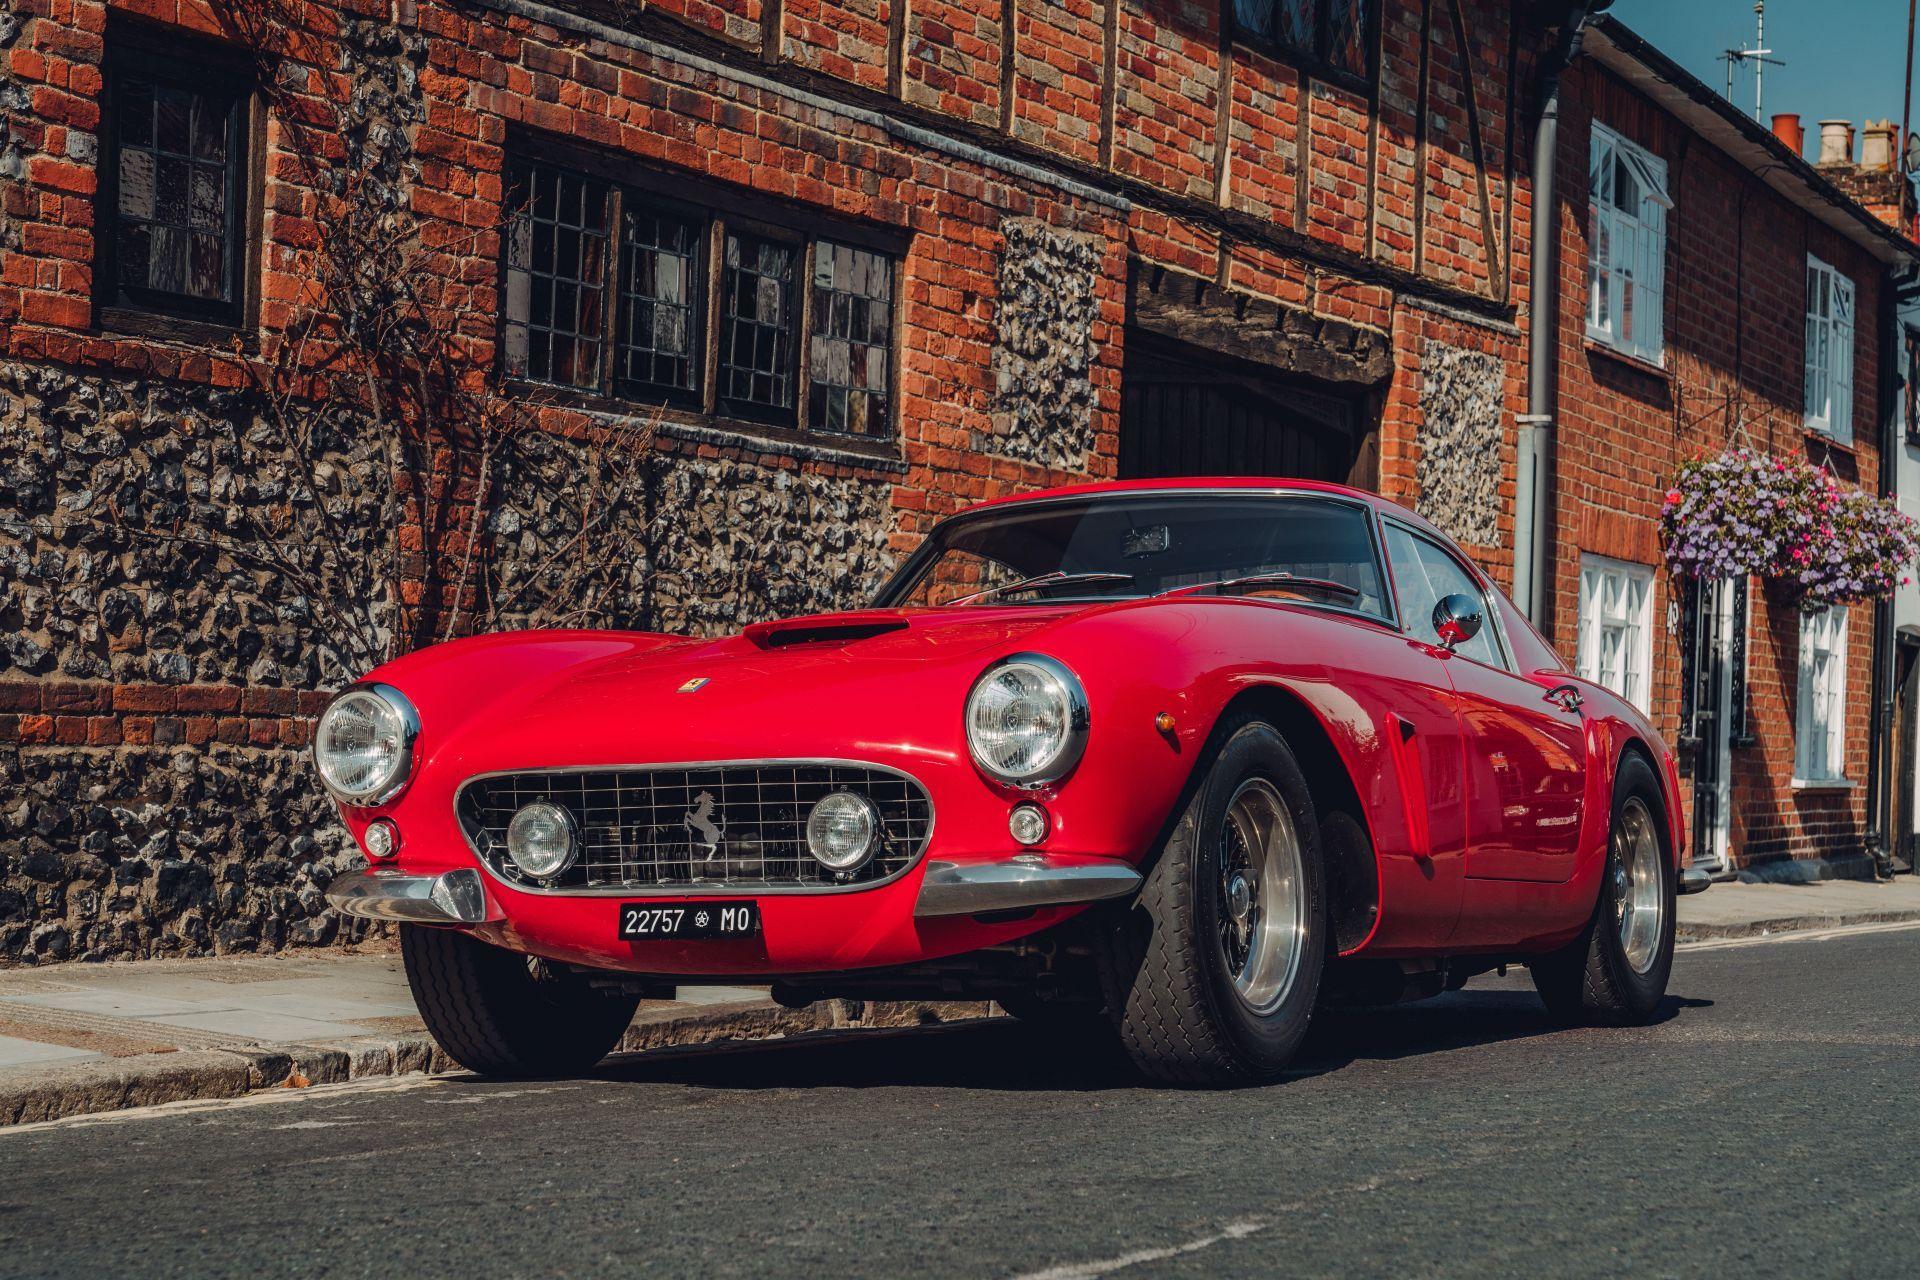 Ferrari-250-GT-SWB-Berlinetta-Competizione-Revival-by-GTO-Engineering-46